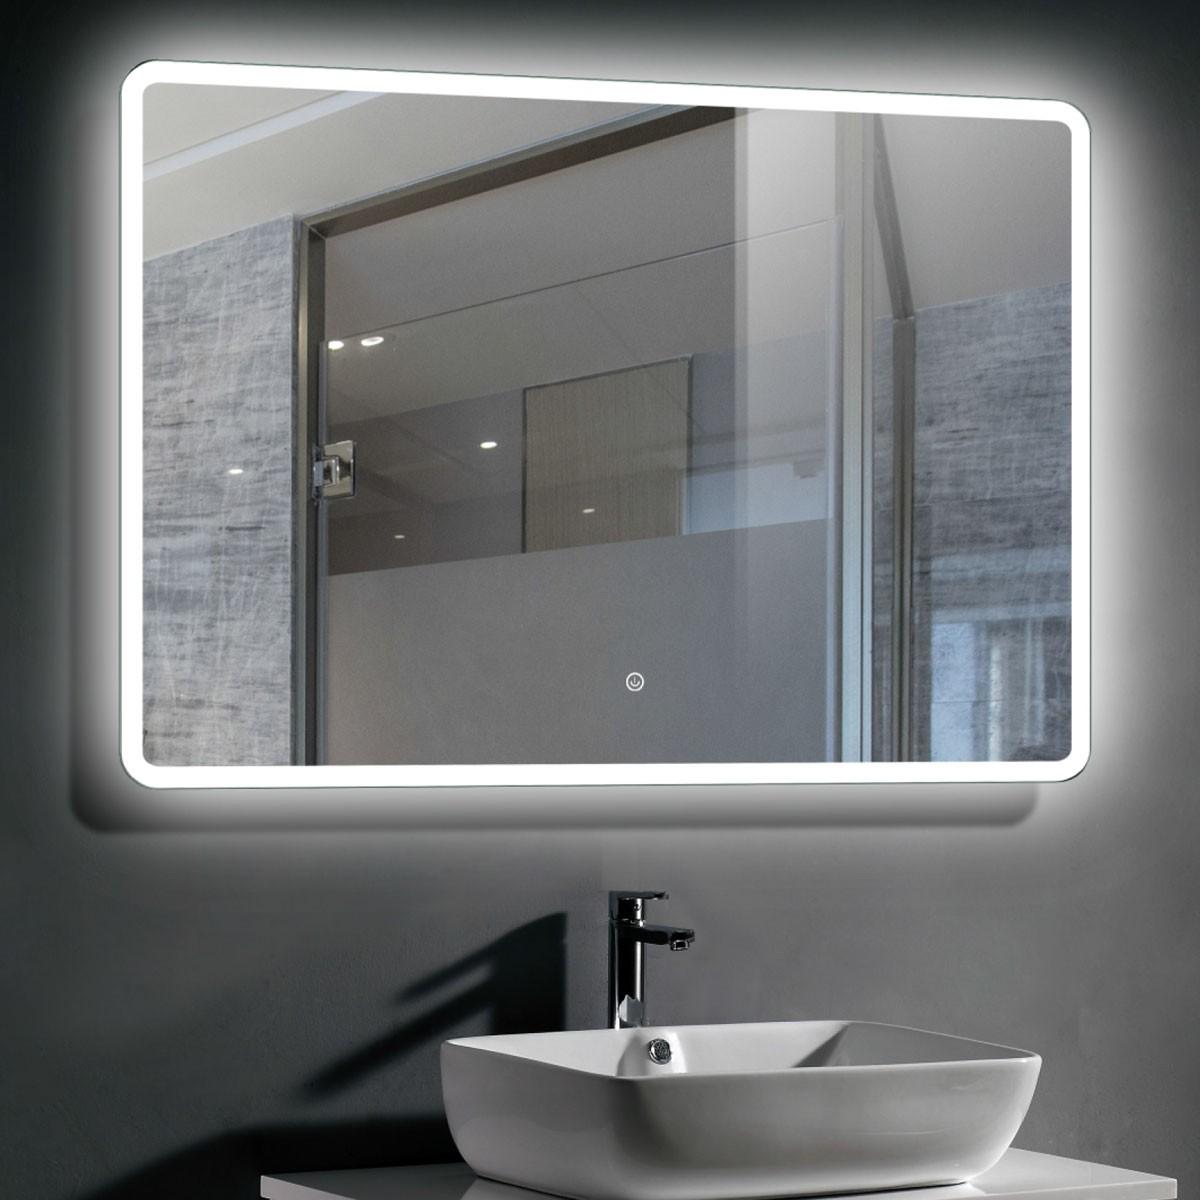 40 x 28 Po Miroir de Salle de Bain LED Horizontal avec Bouton Tactile (DK-CK206)